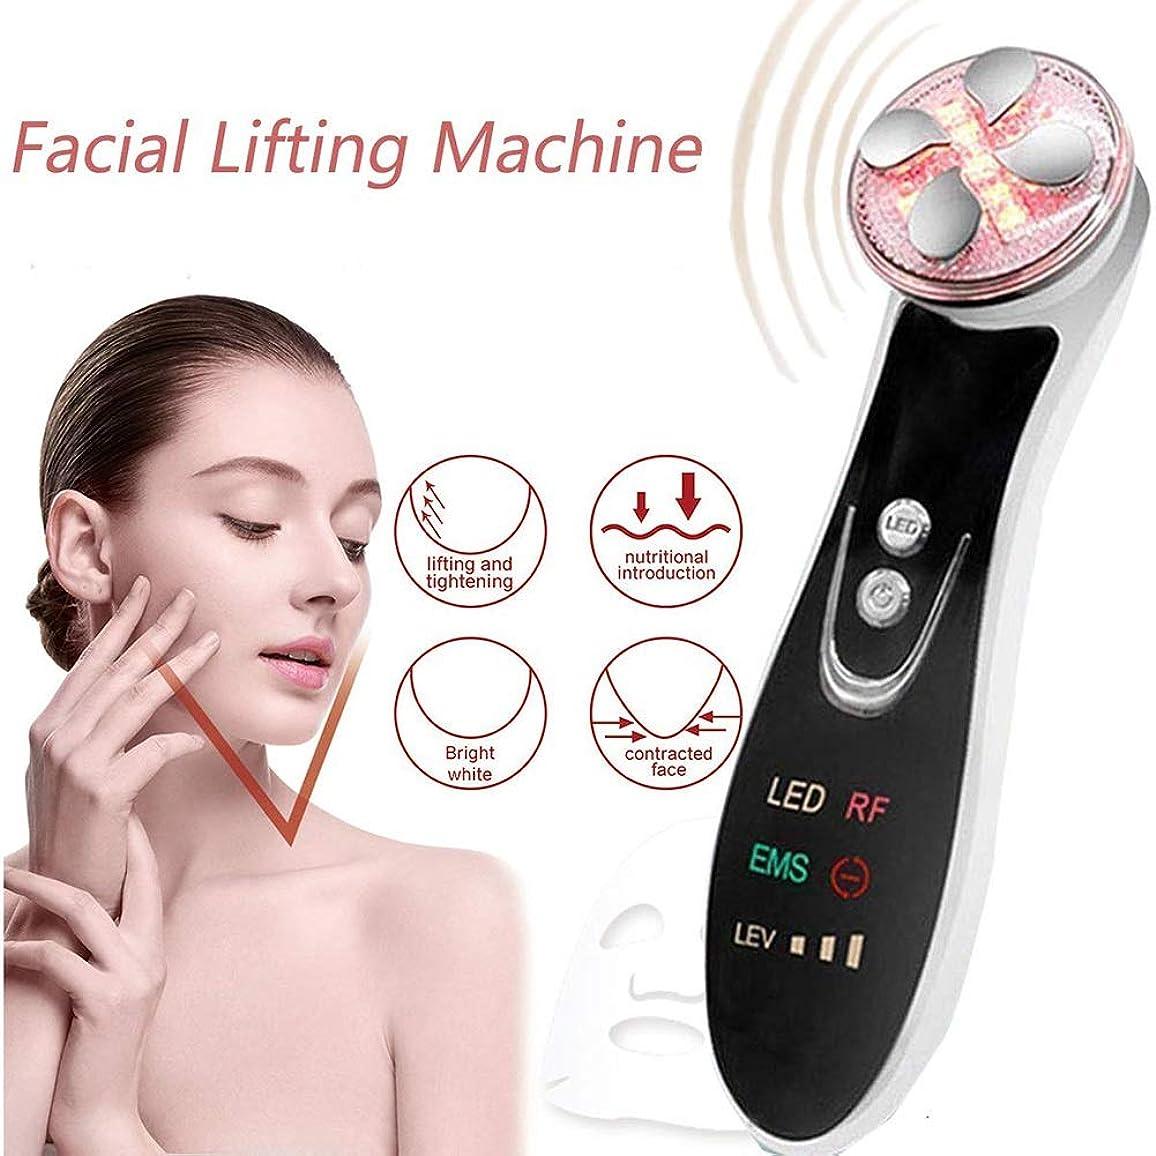 弱める隣接噴水機械、1つのRF EMS LEDライト療法のしわを取除く顔の持ち上がるボディ形削り盤機械をきつく締める表面皮は反老化のアクネの美装置を取除きます